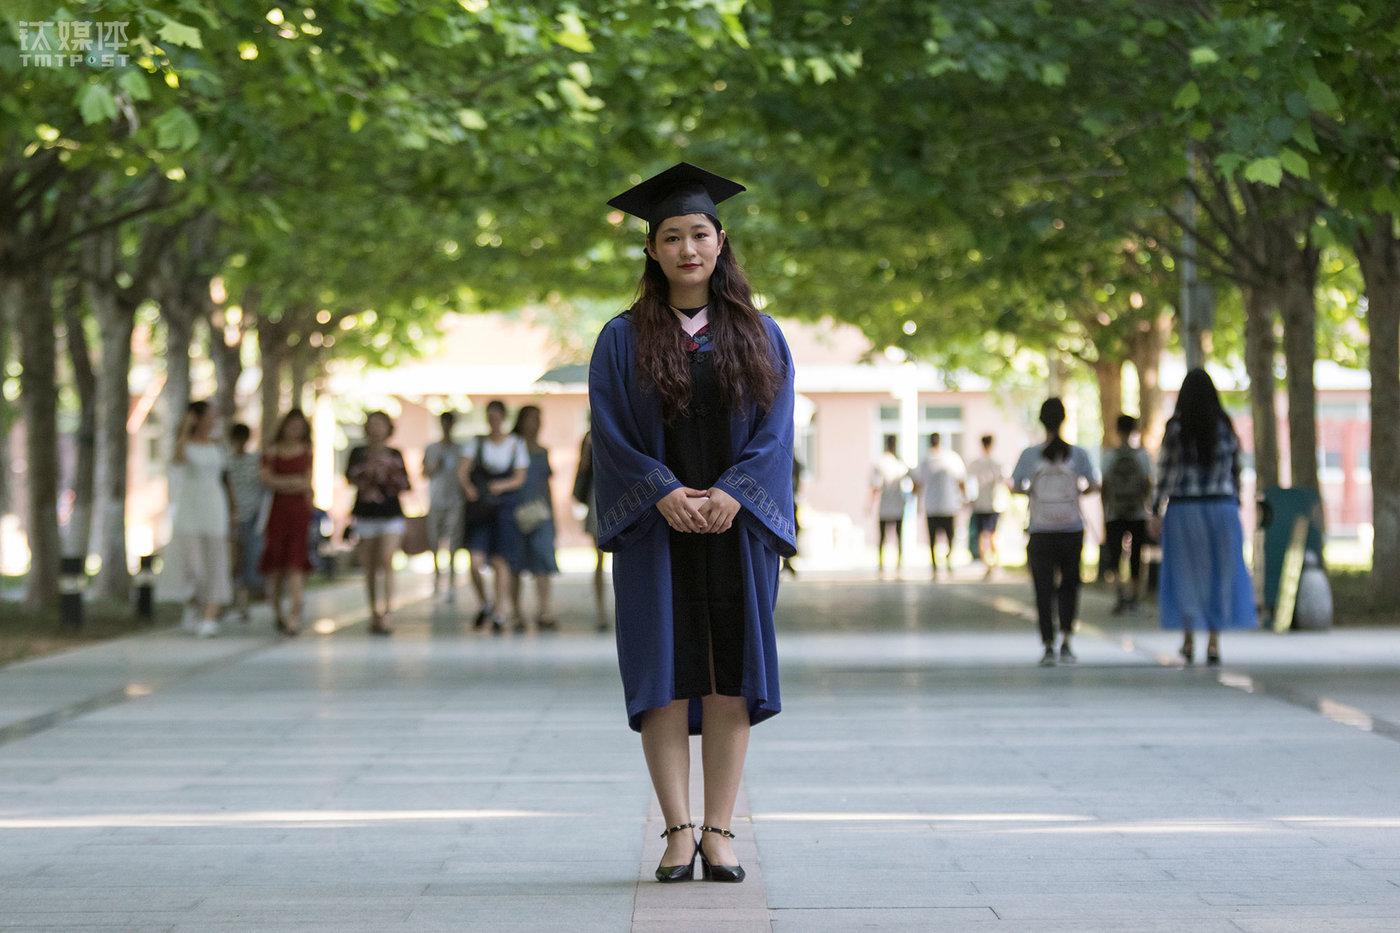 6月21日,路遥在校园里拍摄毕业照。5月份,她找到工作,进入了广州电视台,成为一名记者,到毕业前,她已经在广州工作1个月了。